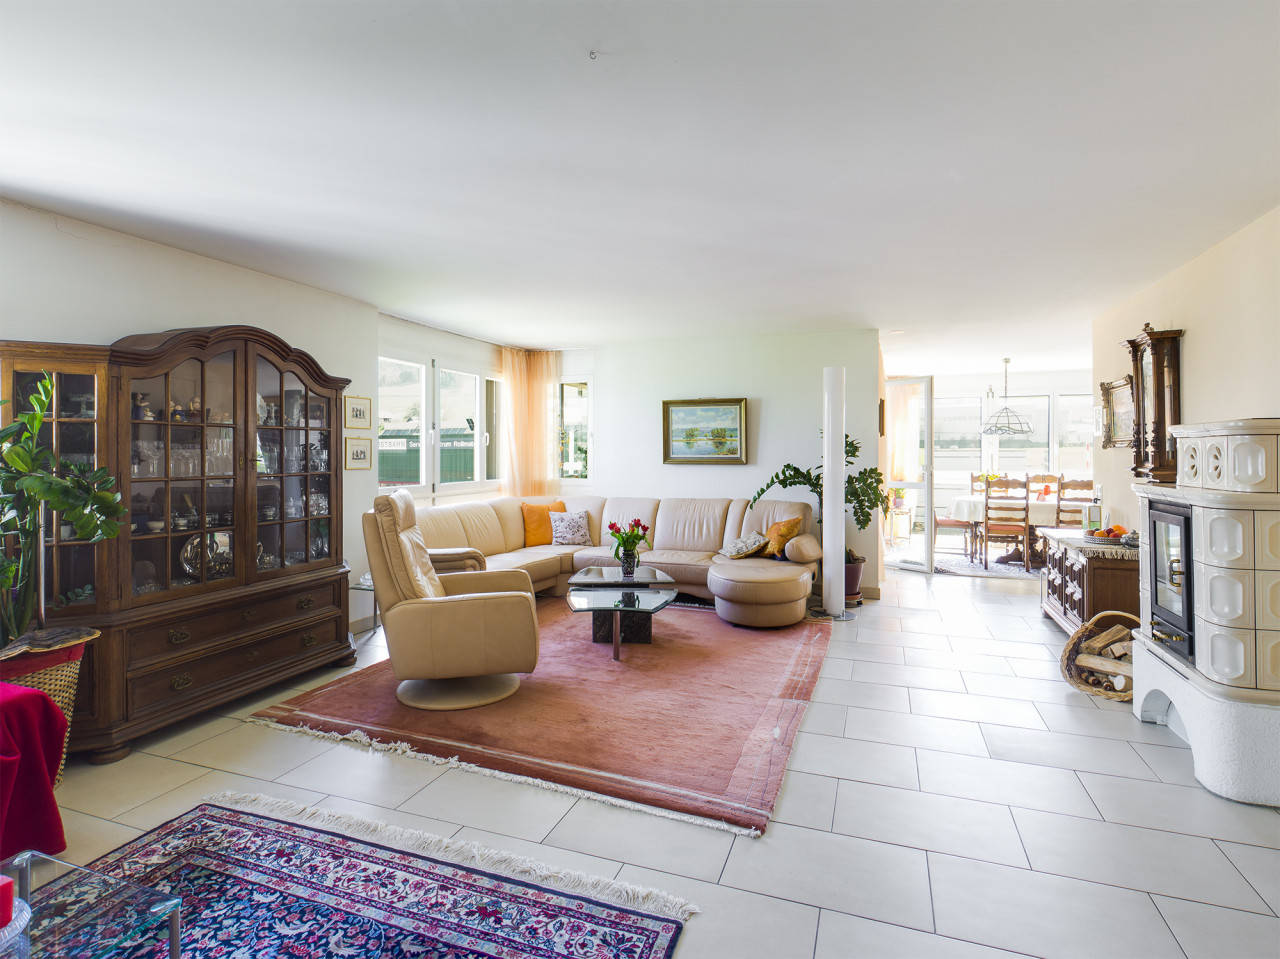 Grosse 4.5 Zi Wohnung mit 150 m2 und top öV Anbindung.